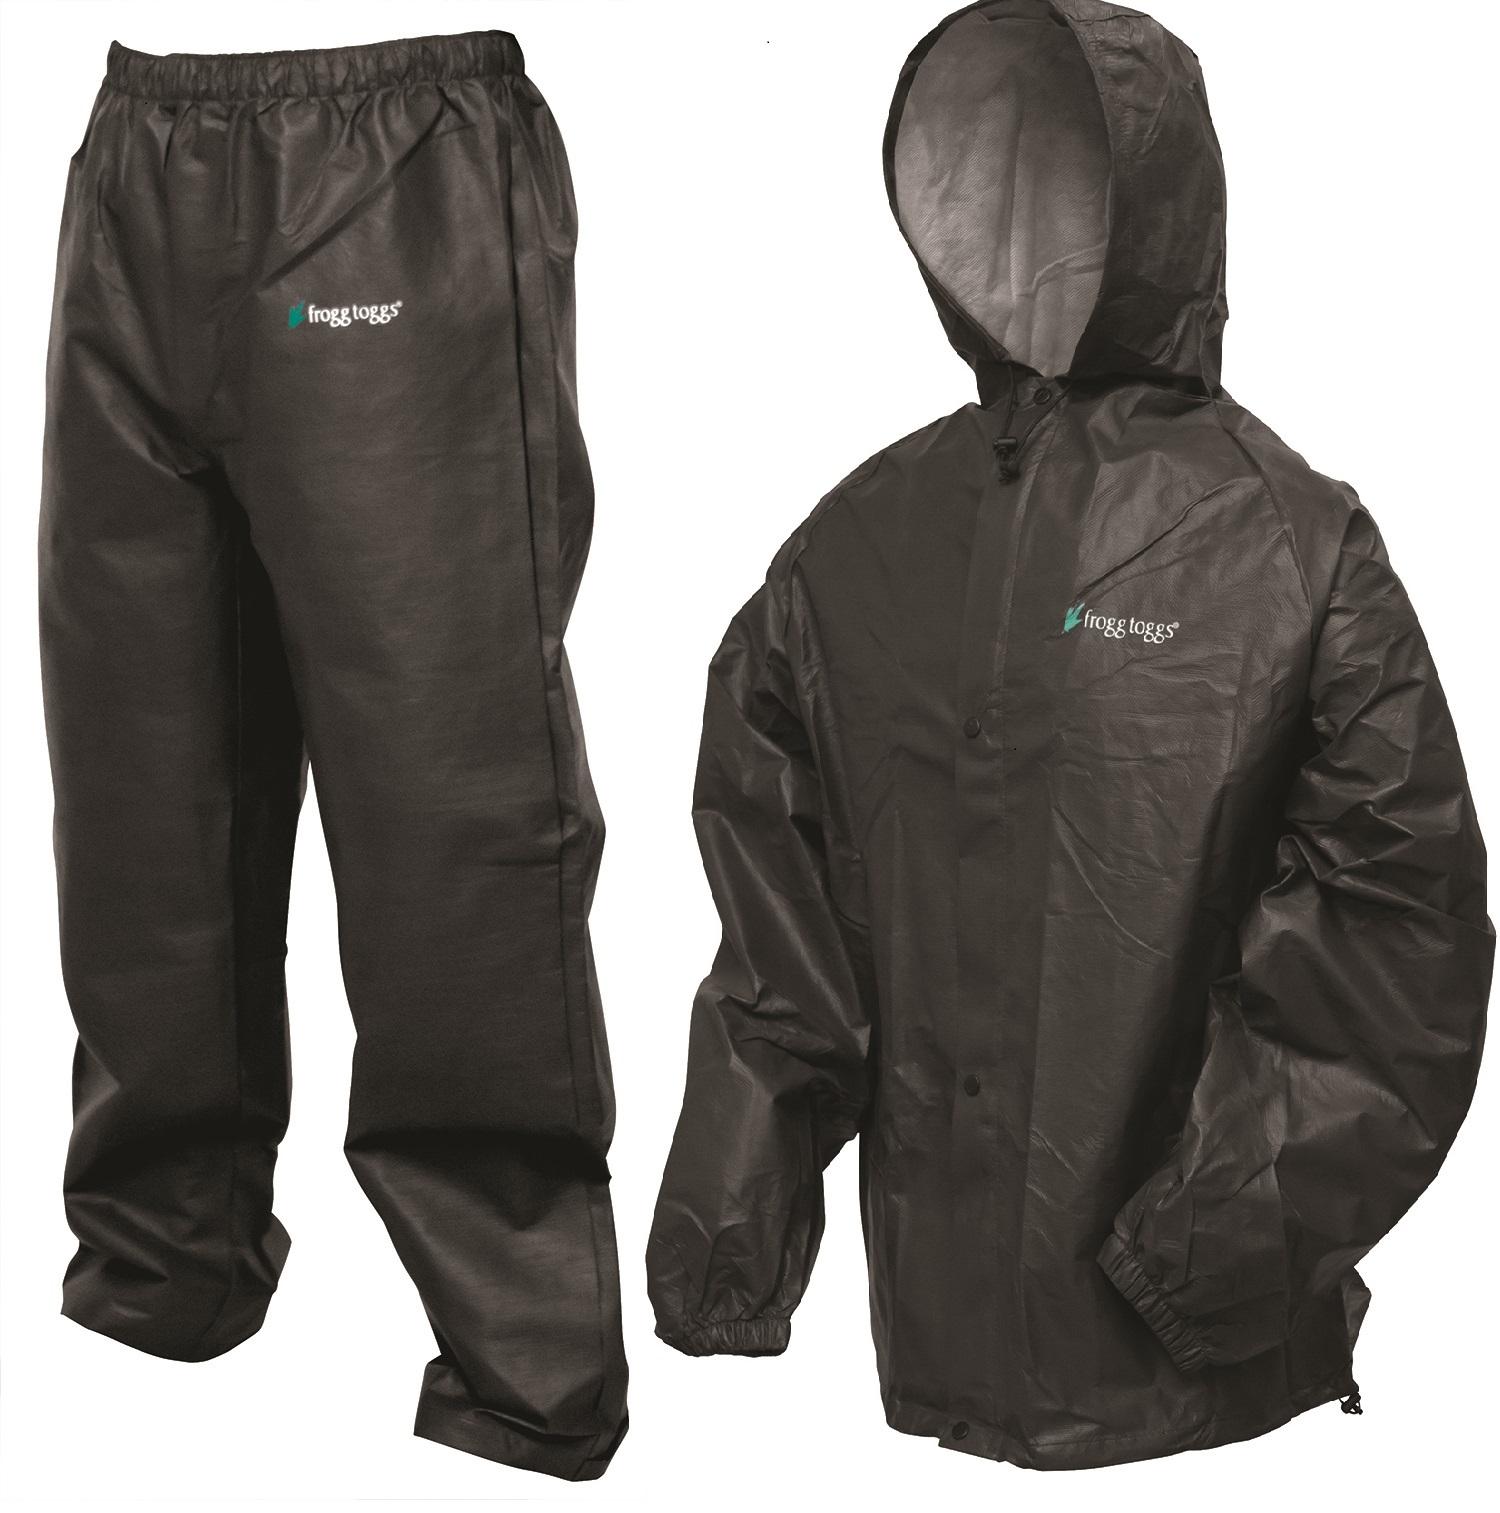 Frogg Toggs Pro Lite Rain Suit Black - M L